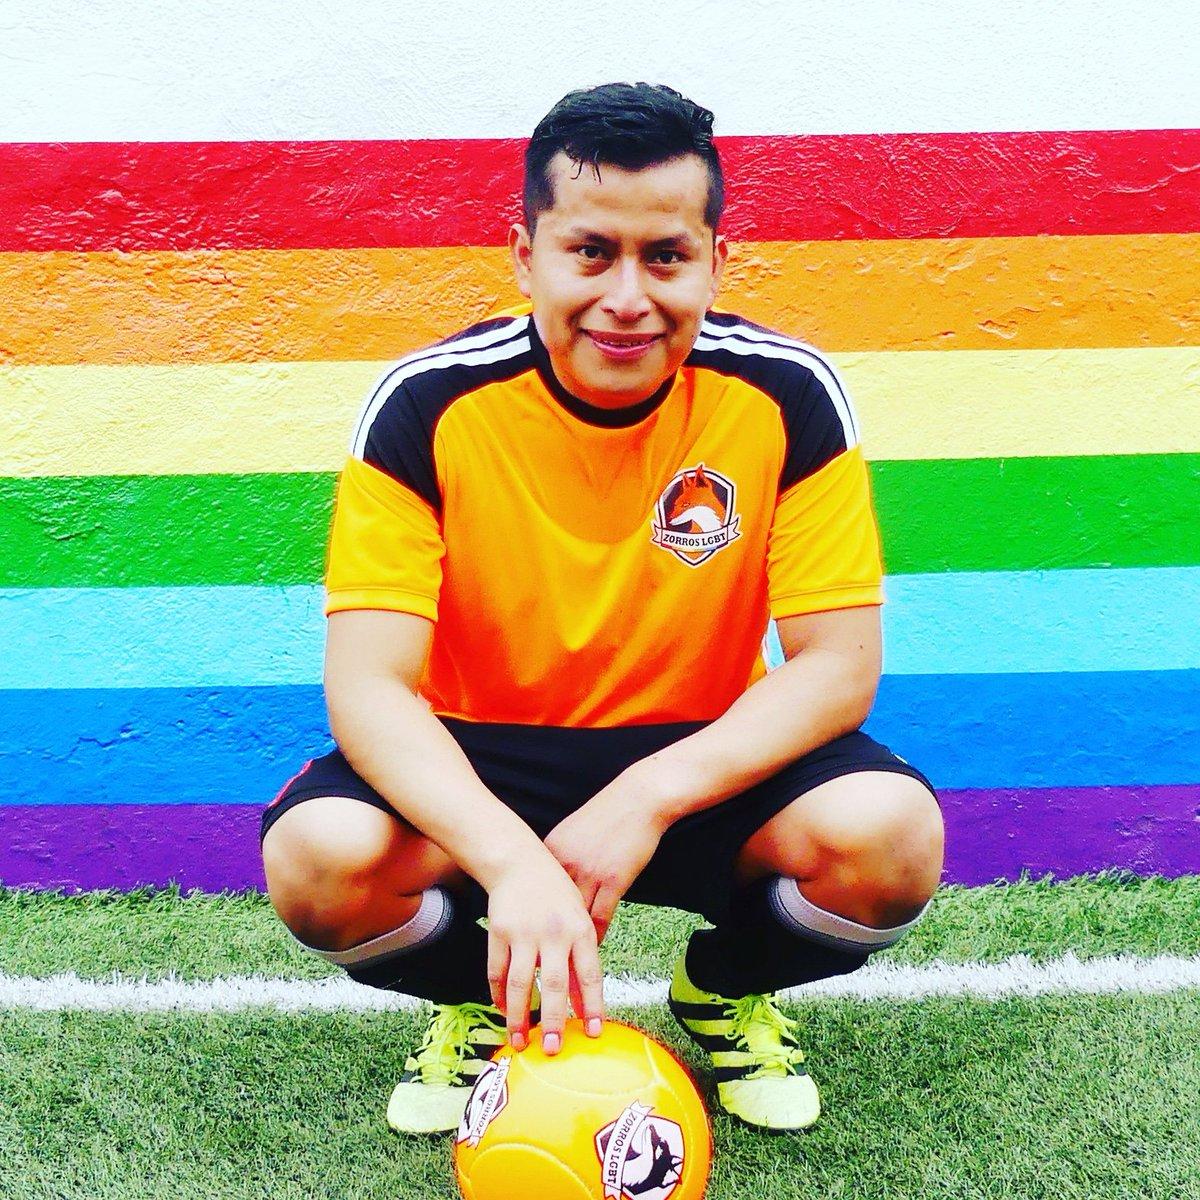 Juan Posición: Delantero / Defensa  Equipo: Zorros LGBT  #DeporteLGBT #LGBTSports #FutbolLGBT #ZorrosLGBT #OrgulloDeportivo #instagay #gaysports #gayfutbol #gayboy #futbolgaypic.twitter.com/IktRfAhk3n